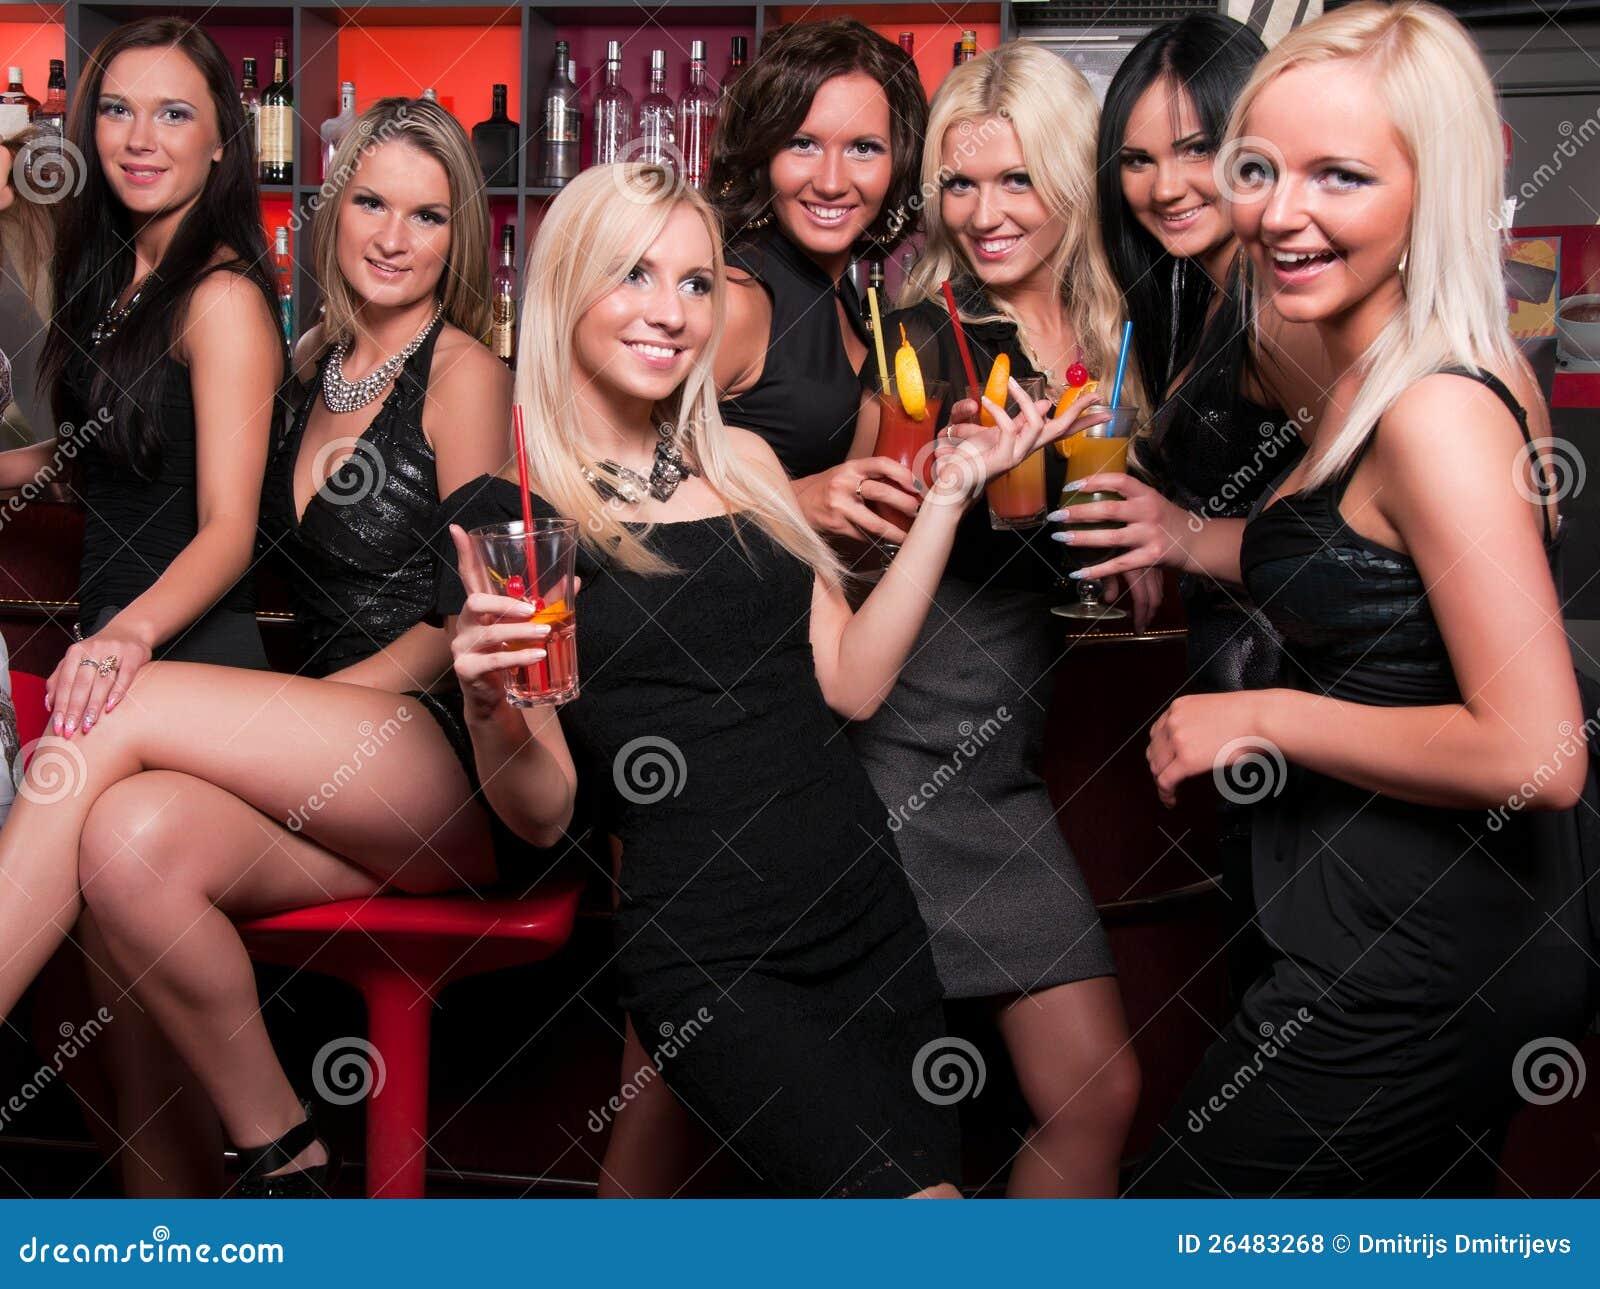 Фото русских девушек в ночном клубе футбольные школы и клубы москвы